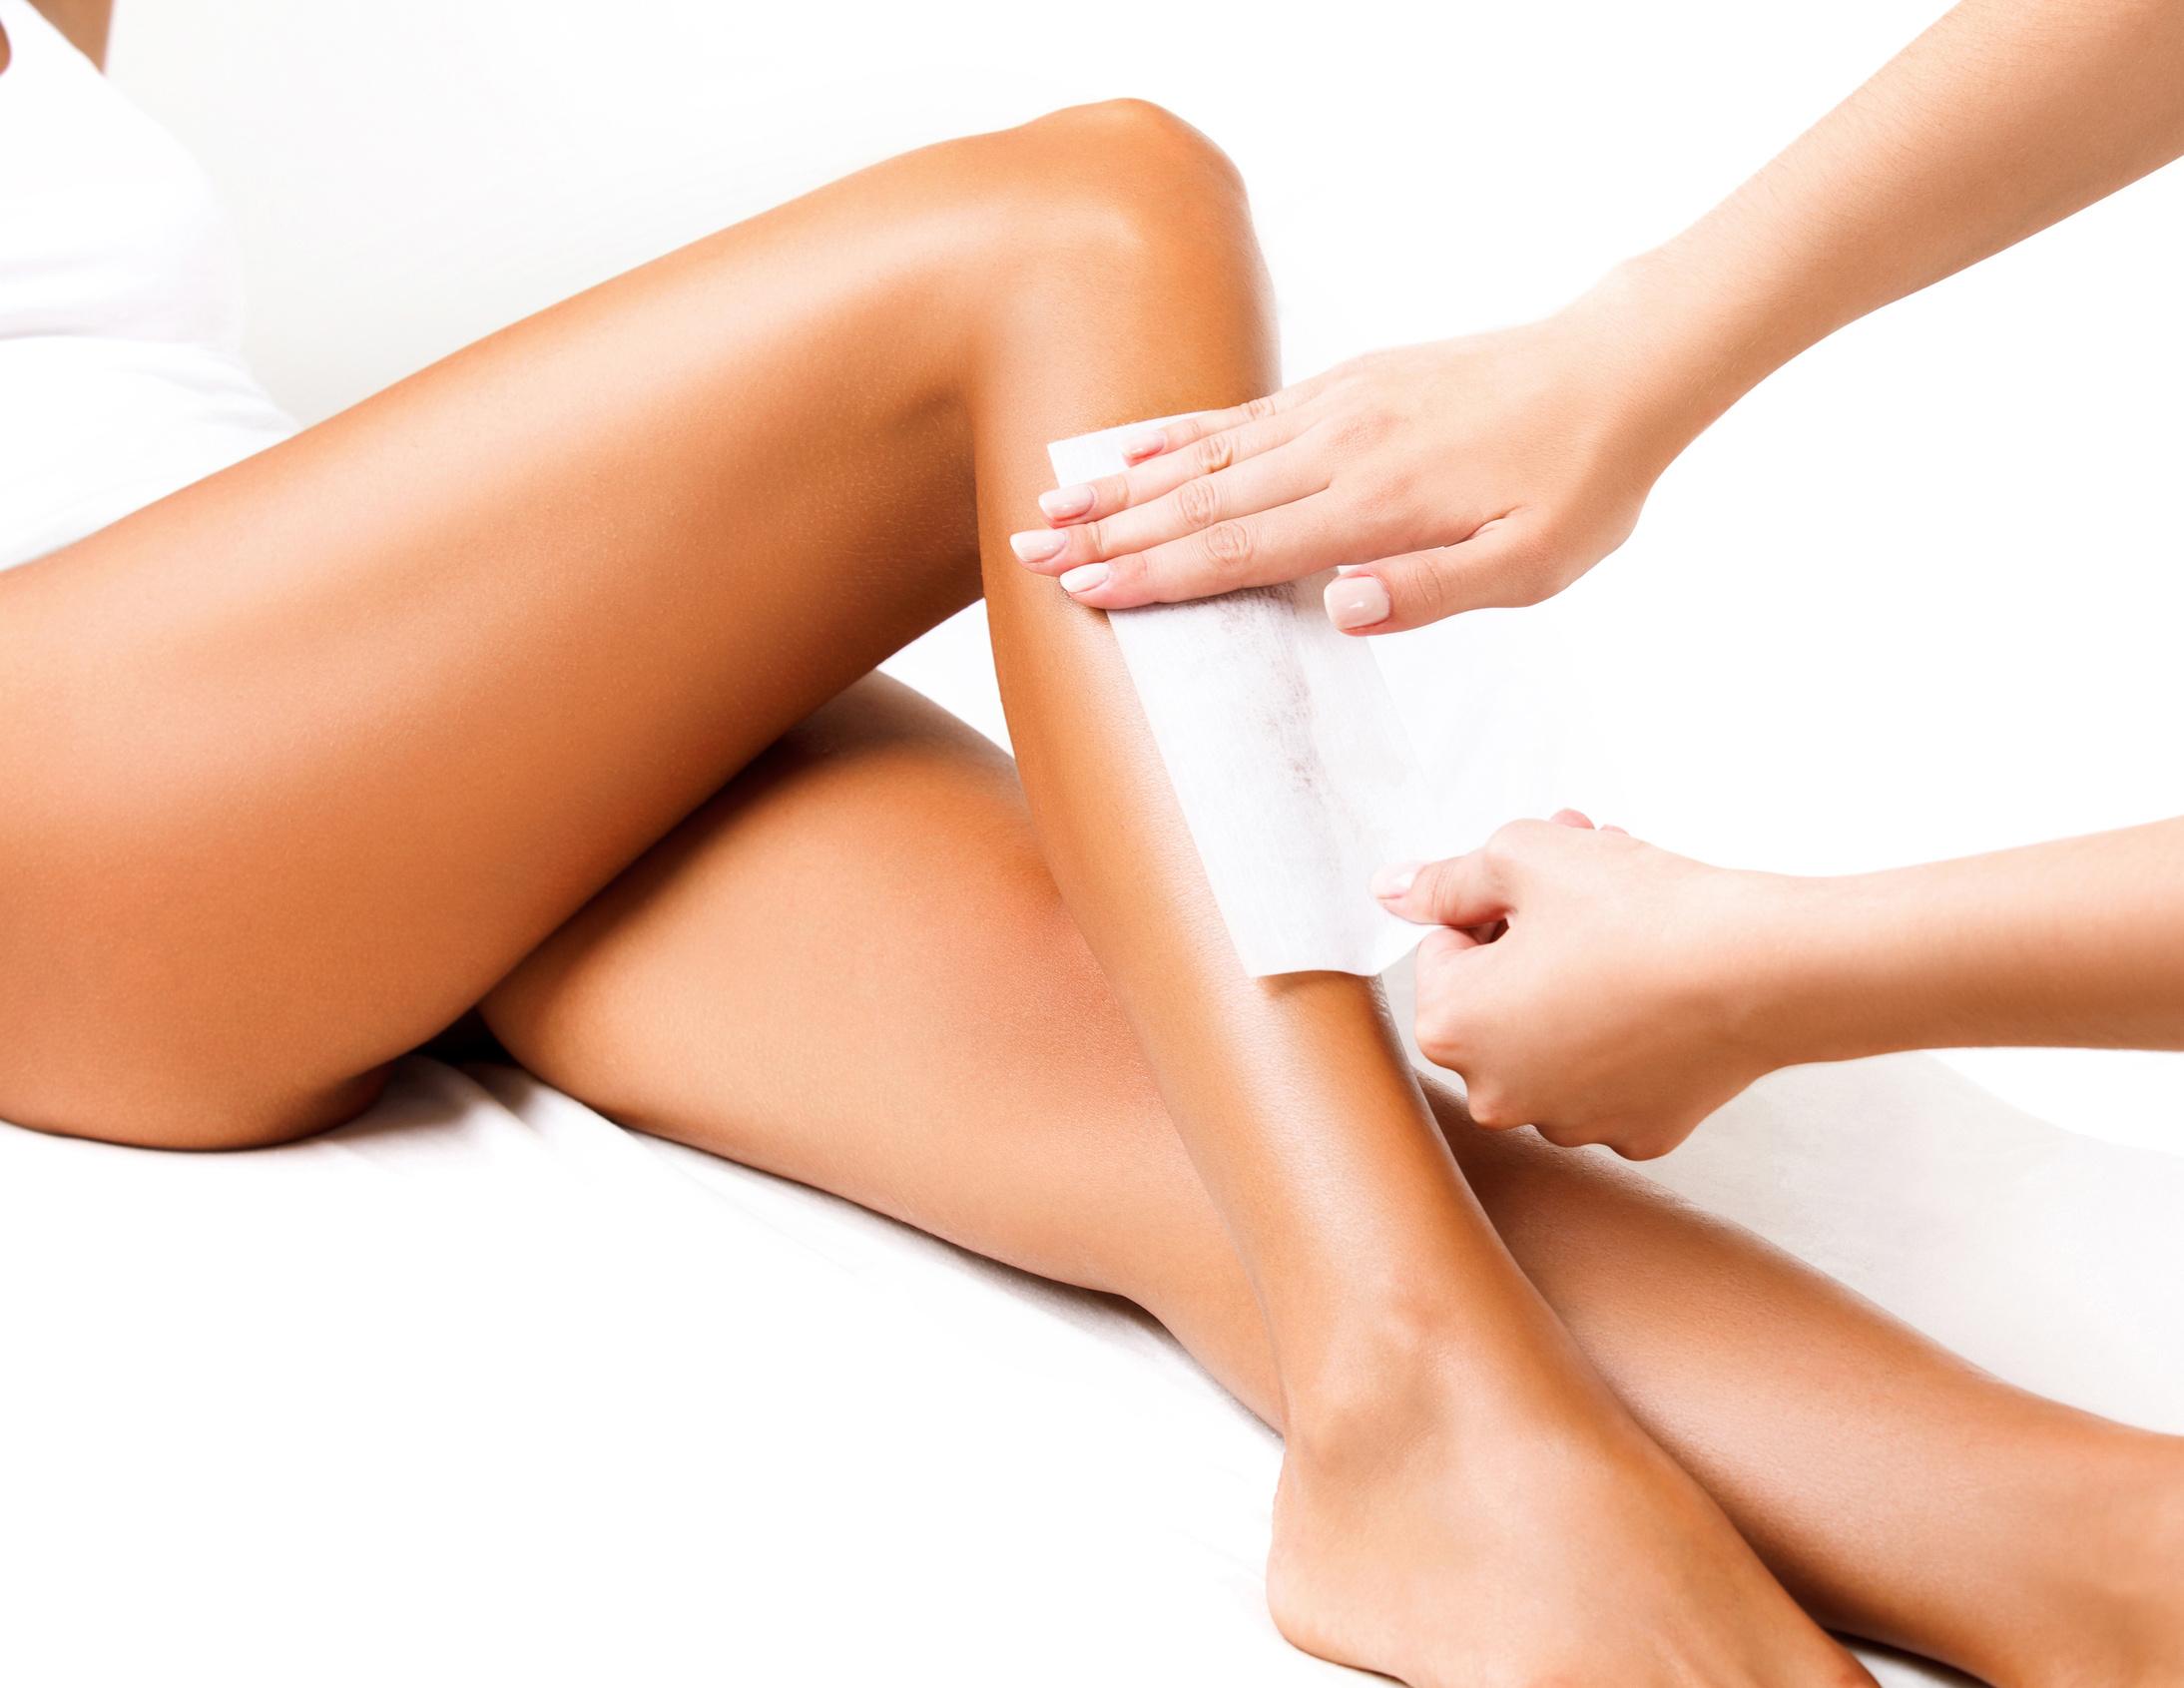 Quanto ne sai di depilazione? Scoprilo con un test!